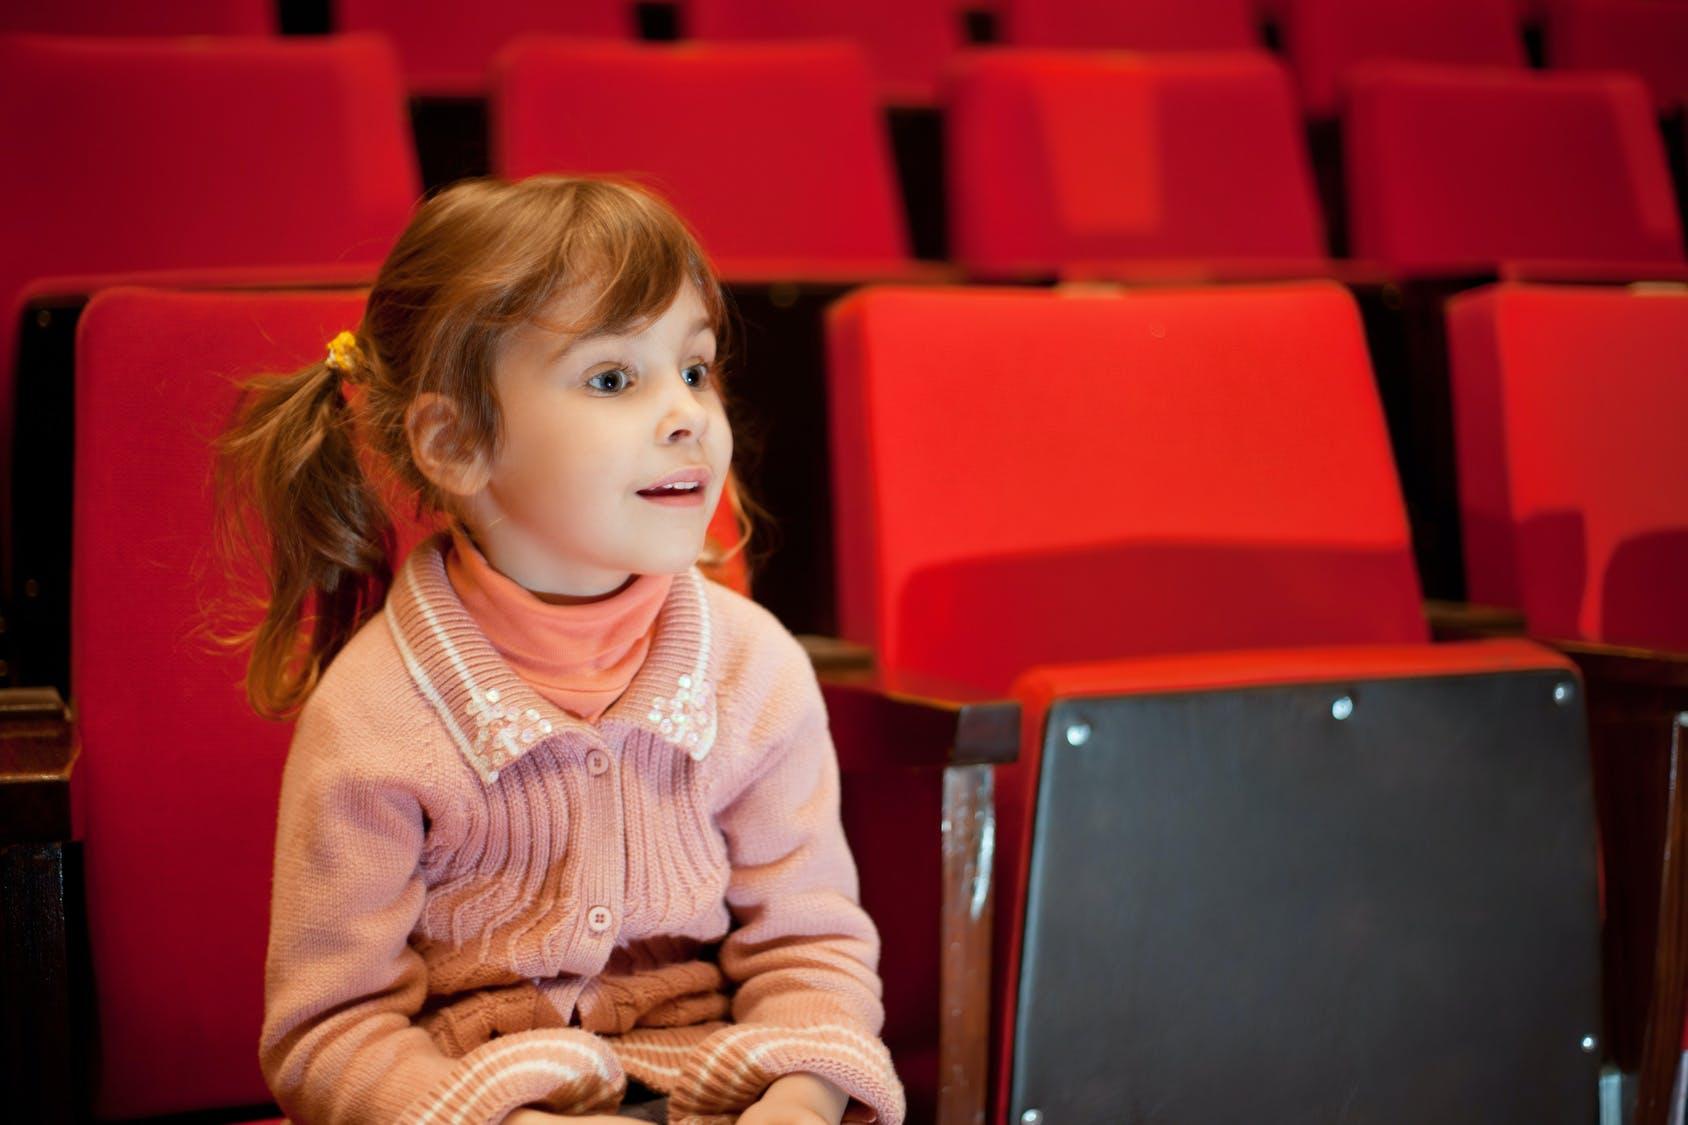 Cinéma : la première séance avec son enfant  PARENTS.fr